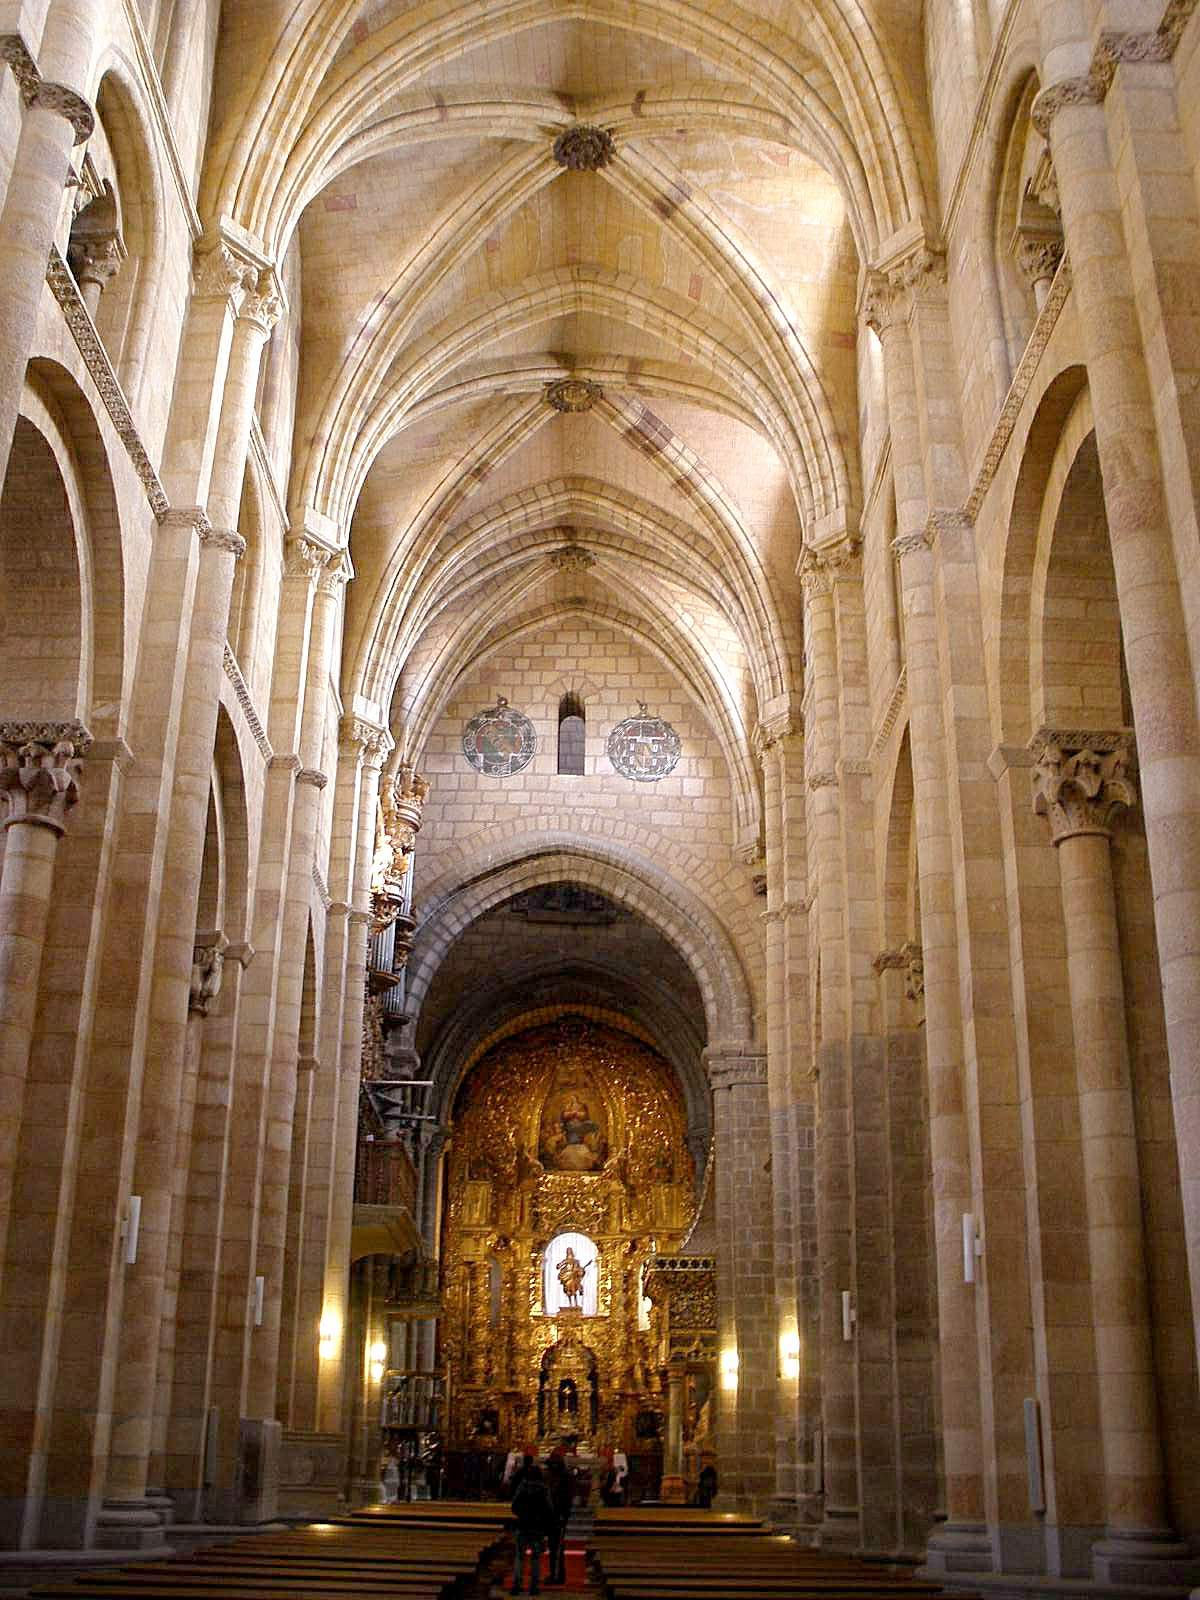 File:Avila - Basilica de San Vicente, interiores 01.jpg ...